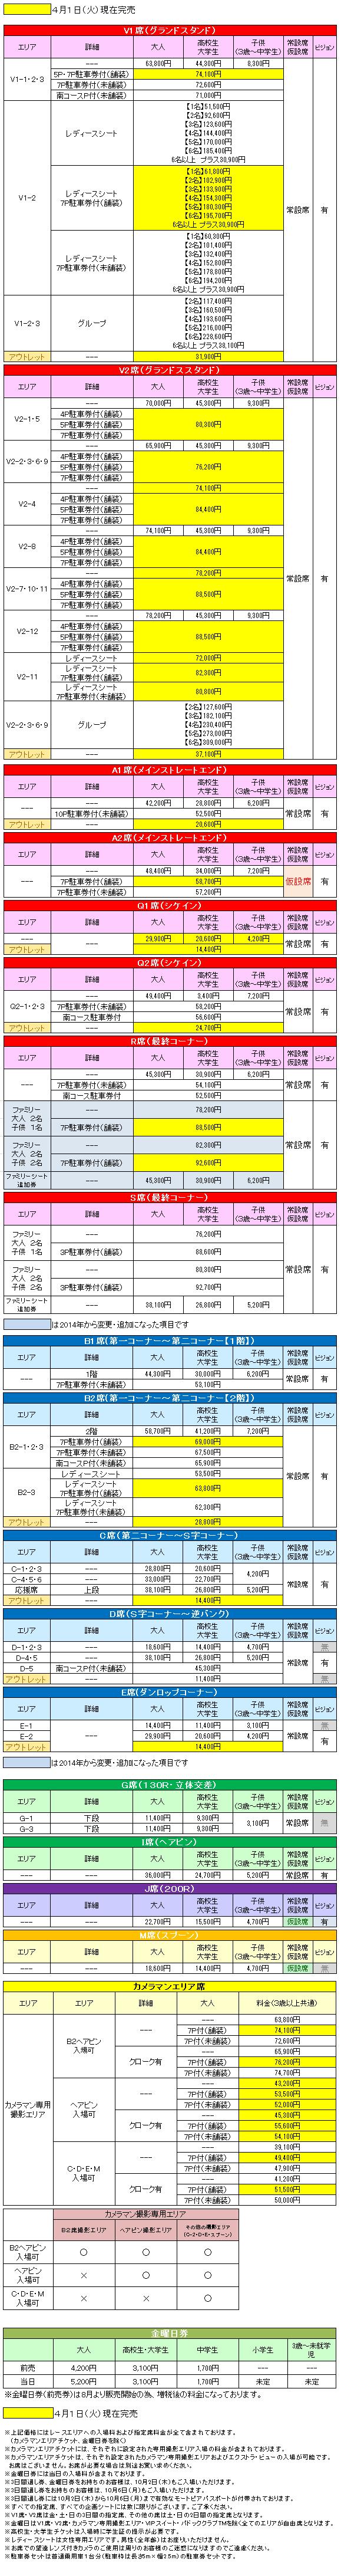 2014年F1日本グランプリ増税後価格表